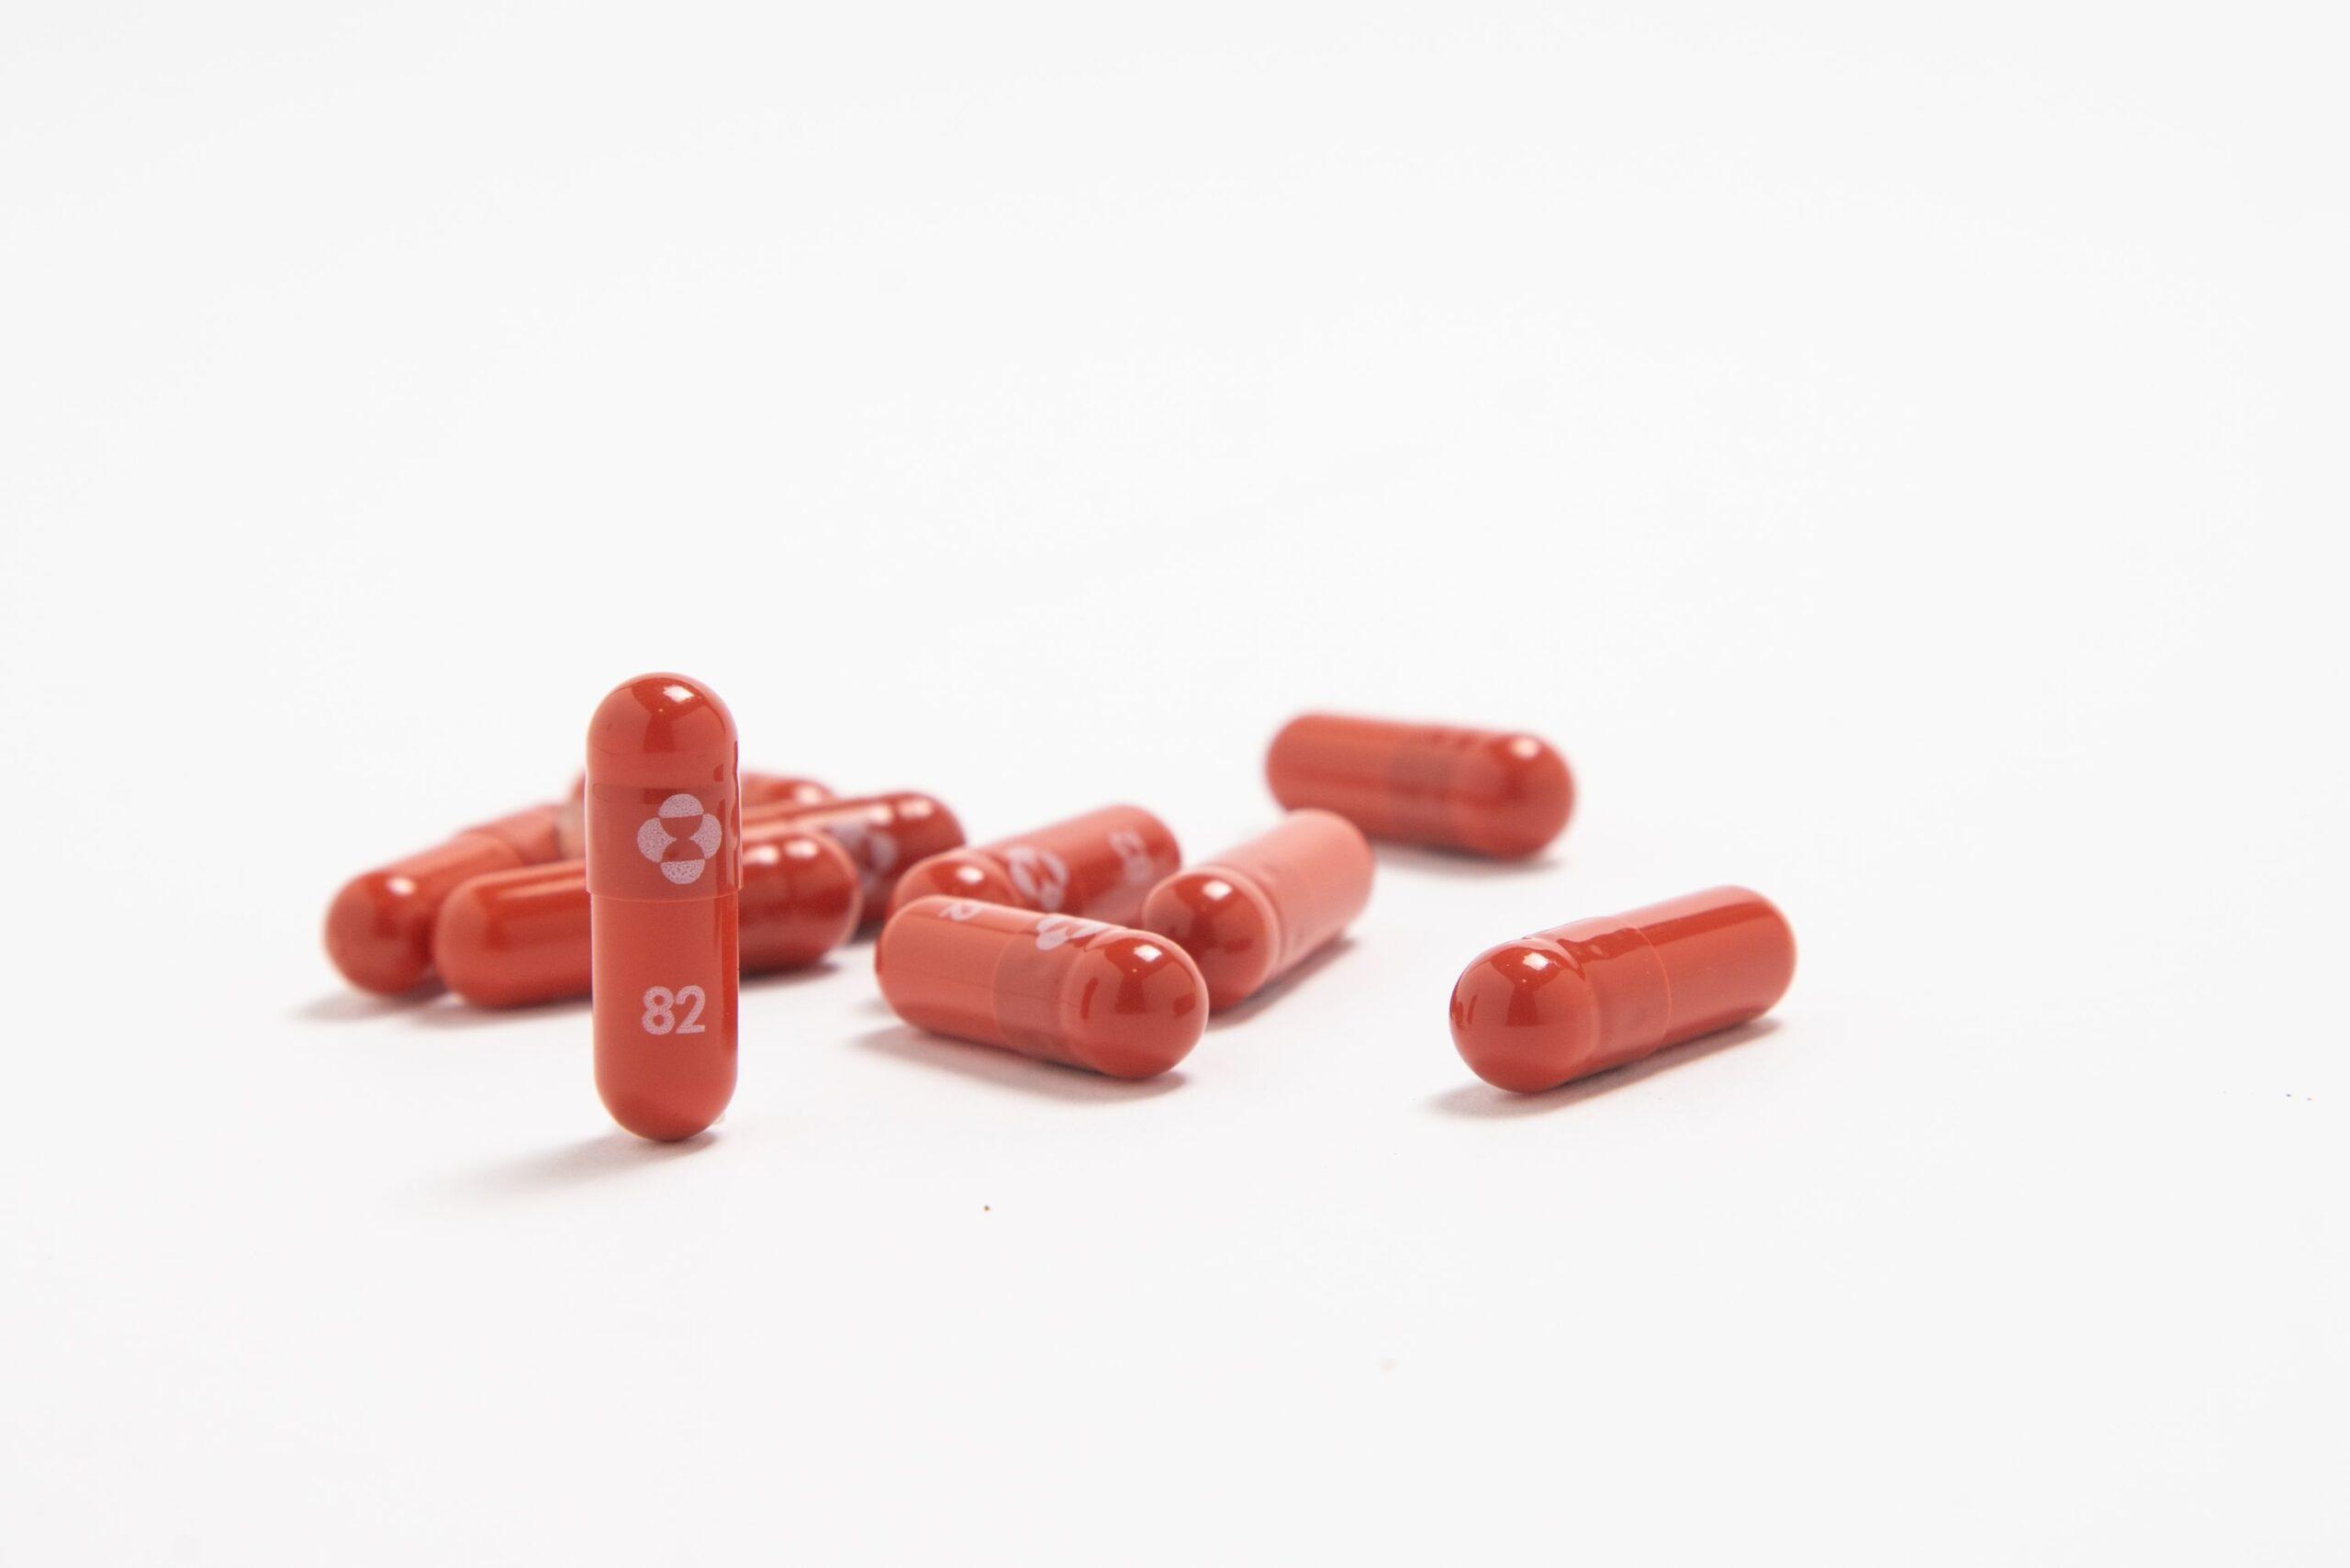 Farmaceutica Merck busca autorización para medicamento oral contra el COVID